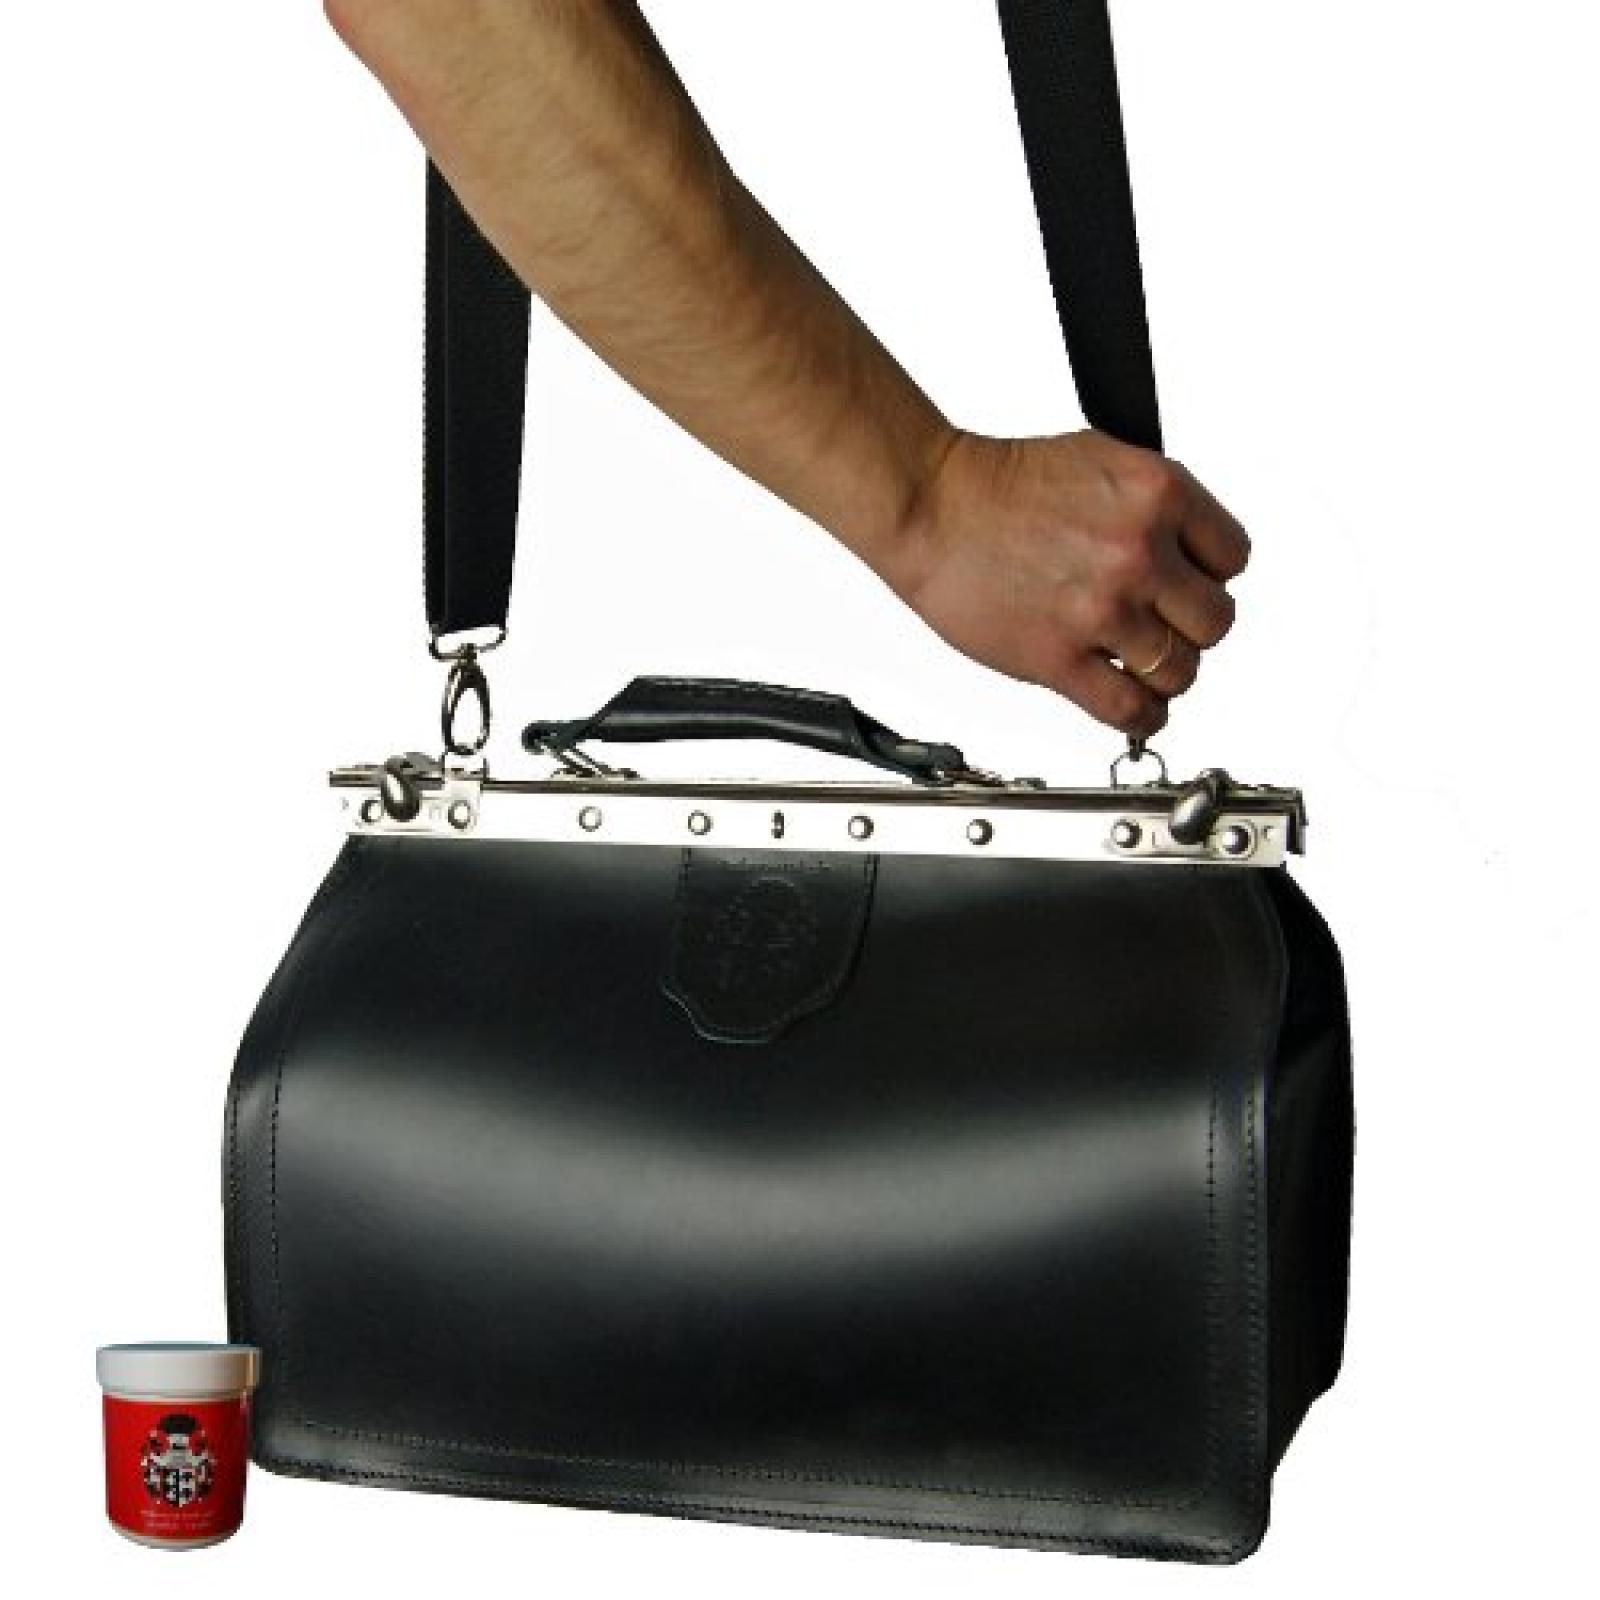 Umhängetasche VON BINGEN aus schwarzem Bio-Leder, Handmade in Germany, mit Lederpflege, FREIHERR VON MALTZAHN